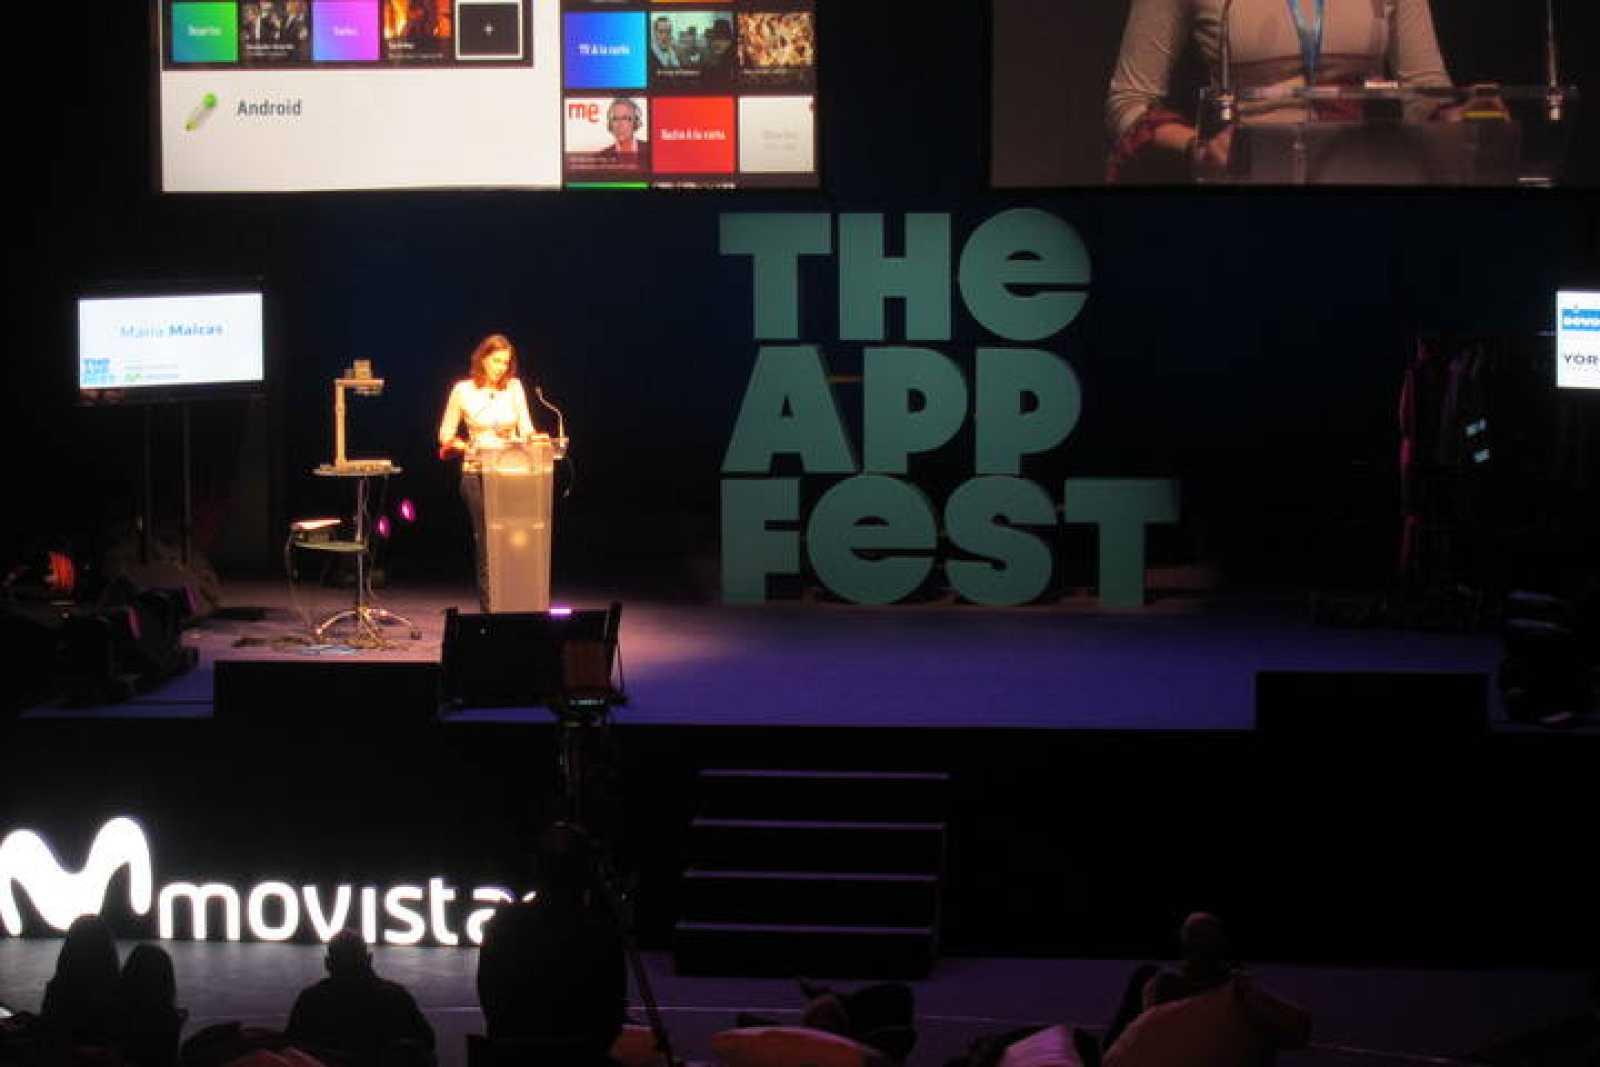 María Maicas, de RTVE.es, durante su charla sobre la televisión conectada en The App Fest